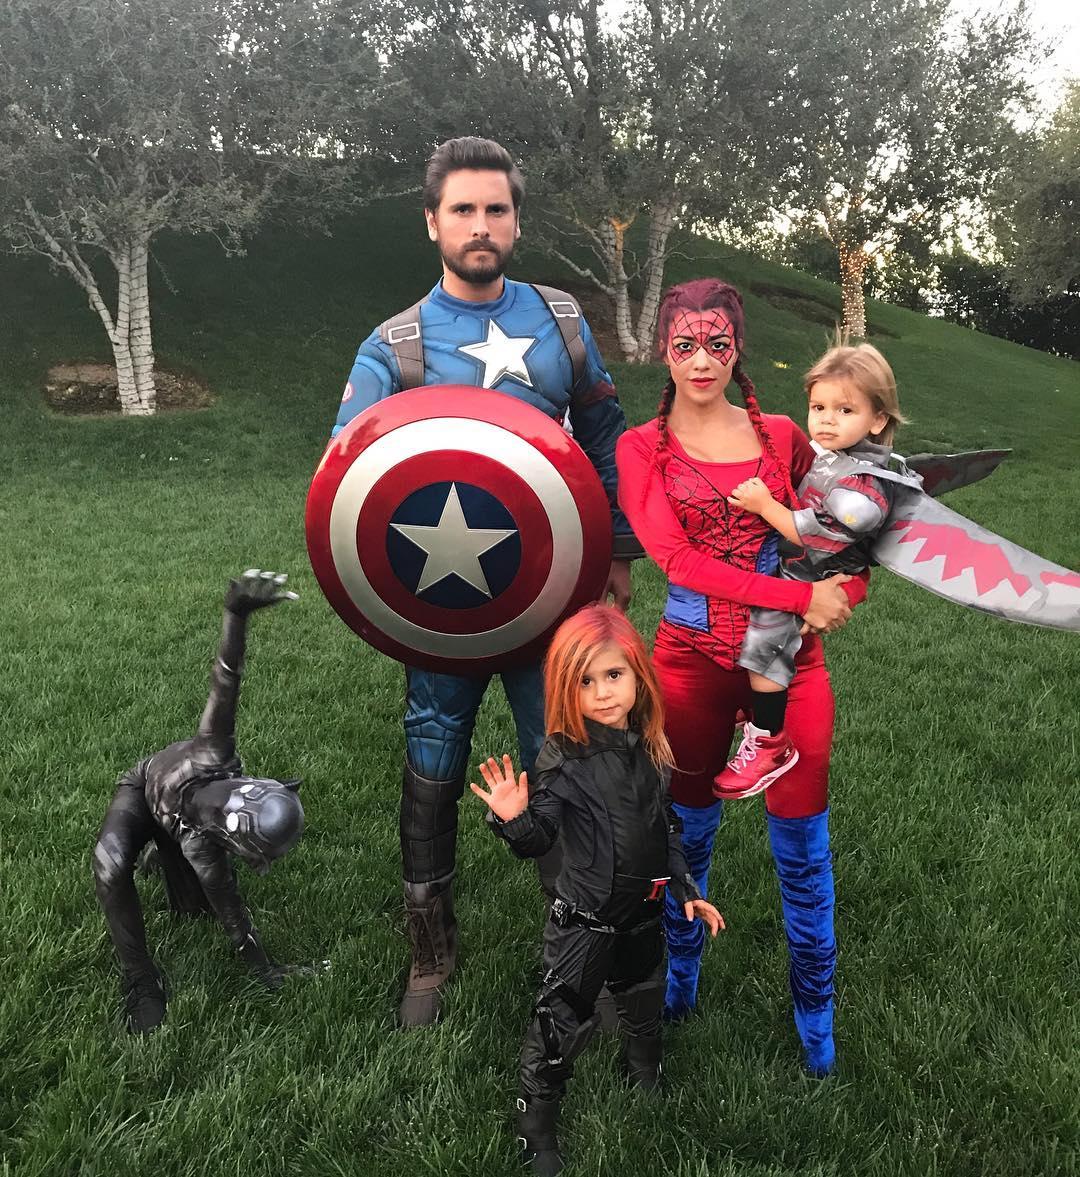 Кортни Кардашьян и Скотт Дисик с детьми